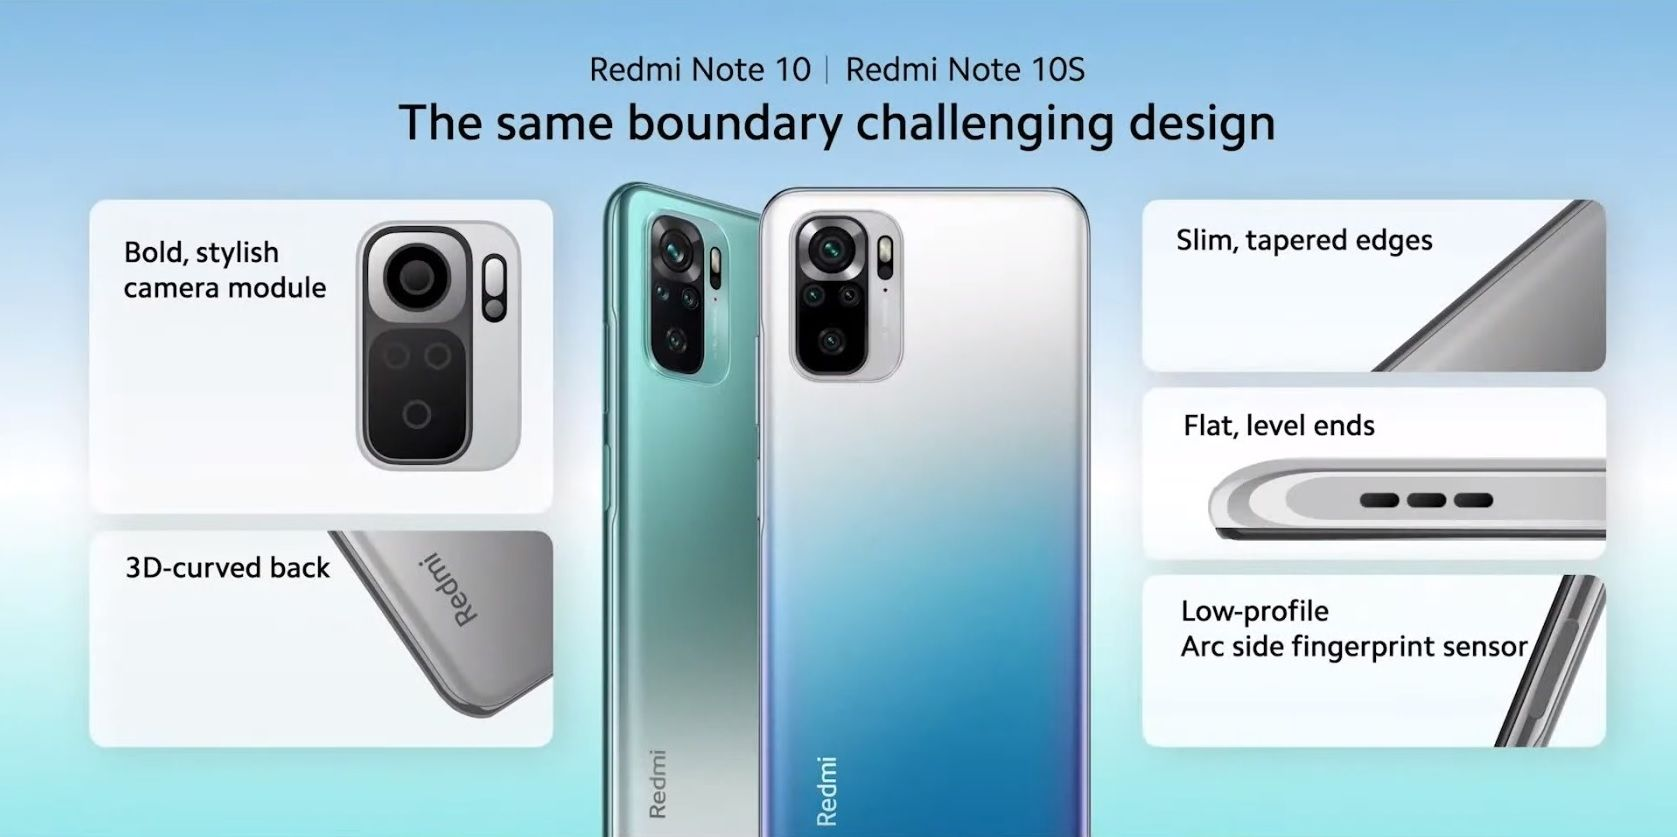 Redmi Note 10 01